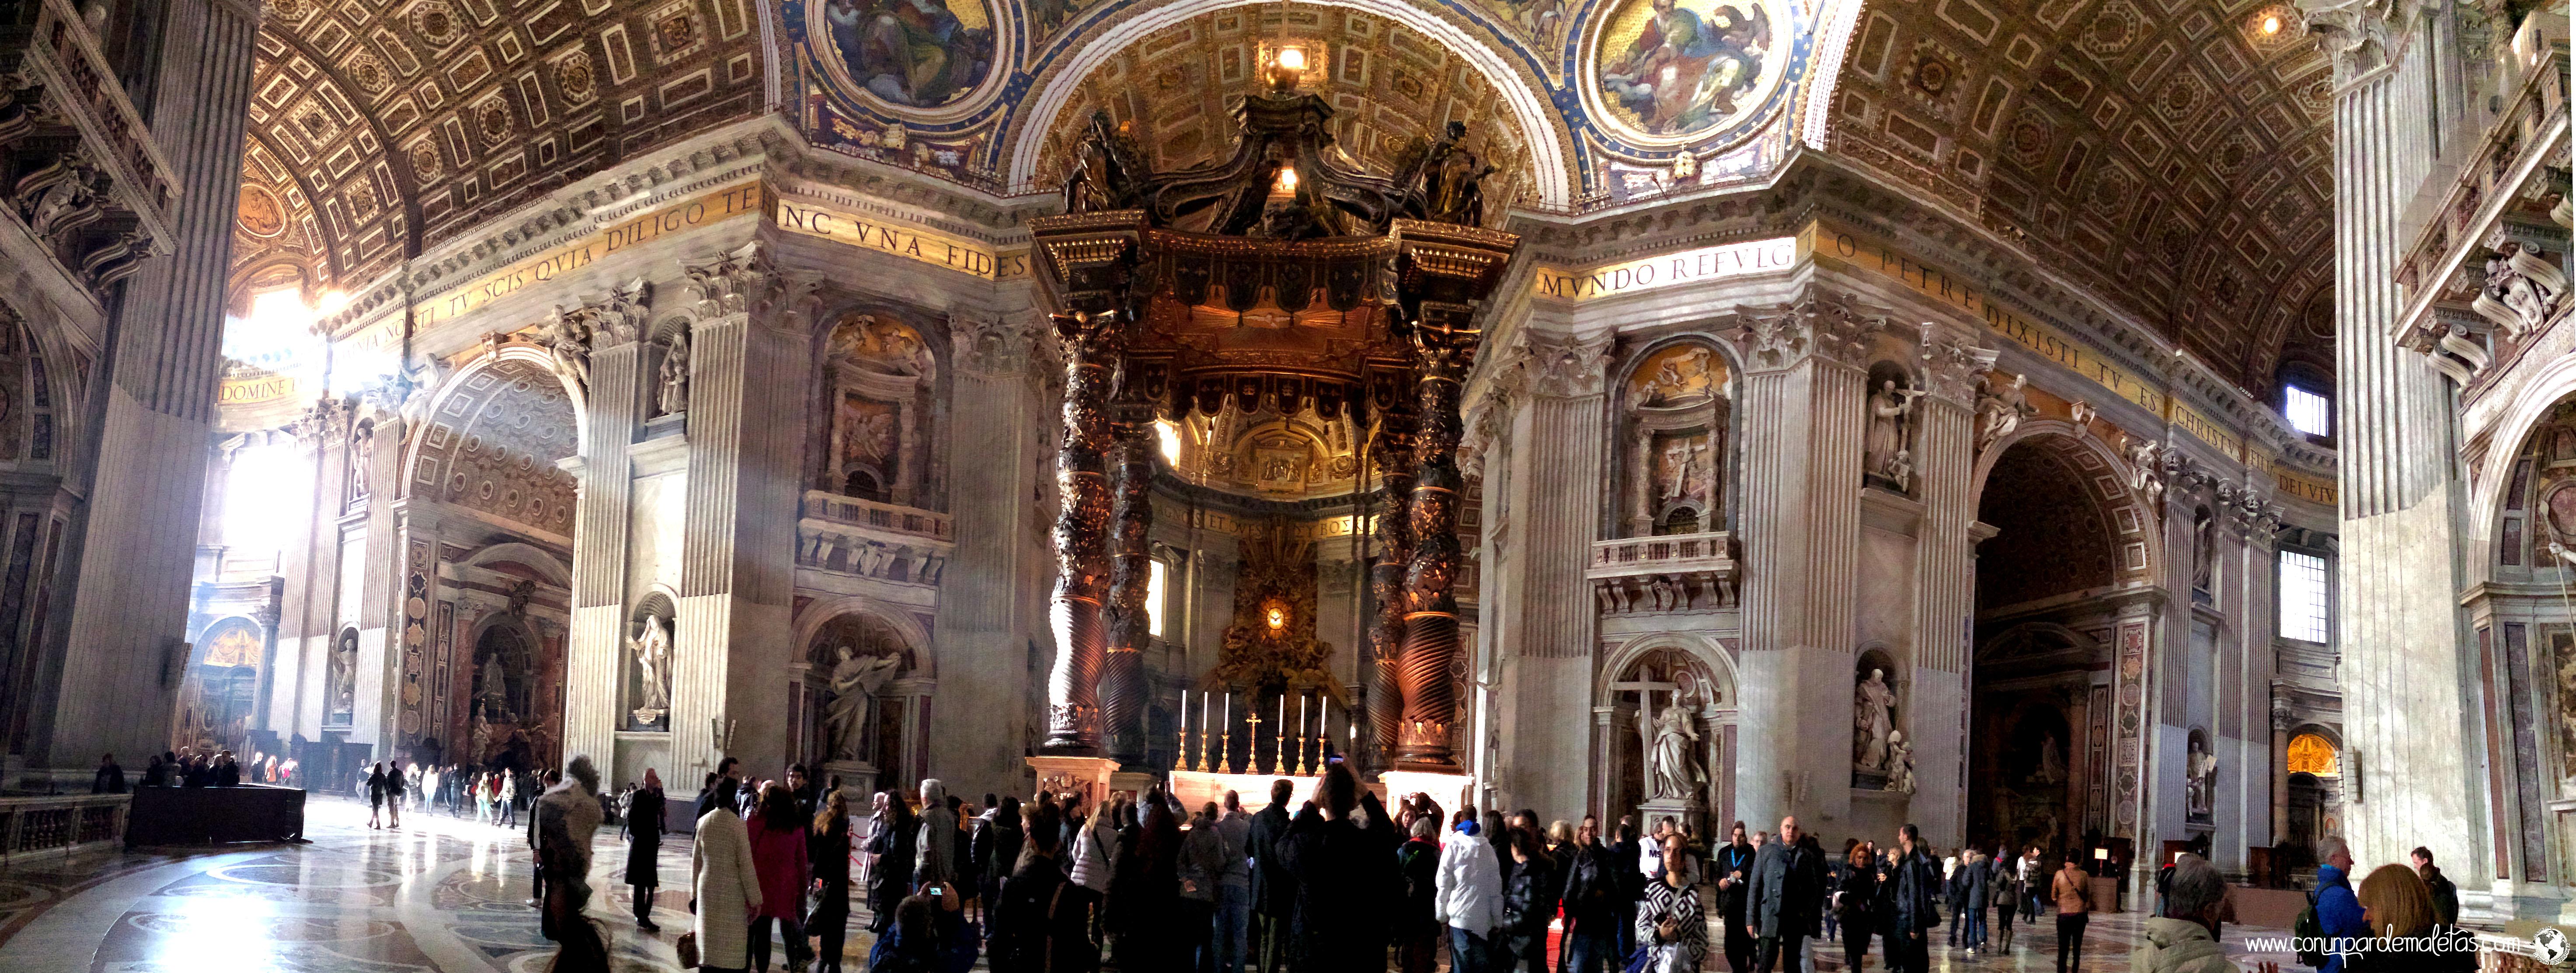 Basílica de San Pedro, El Vaticano